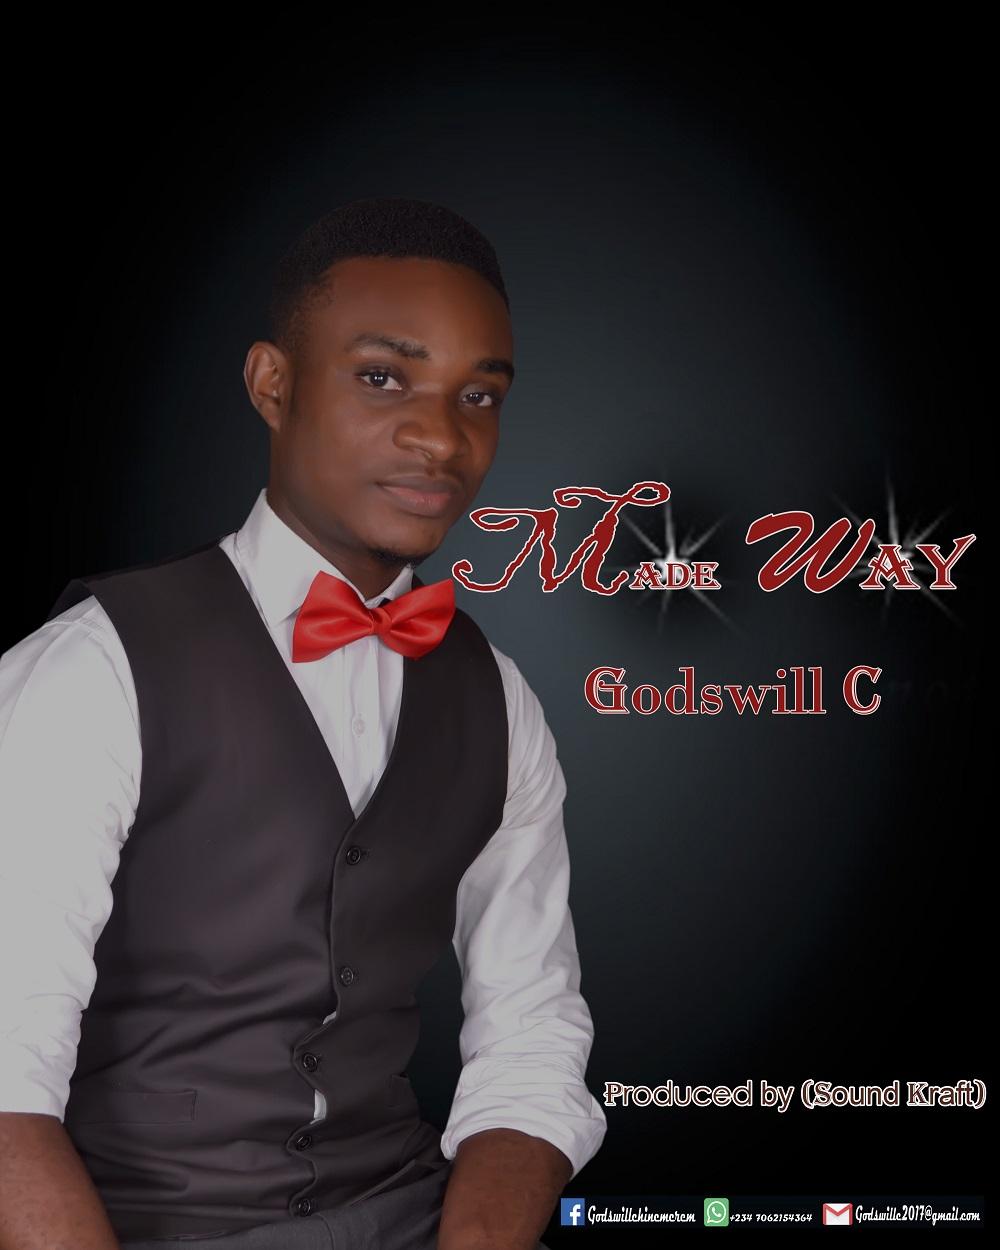 Godswill C Made Wa